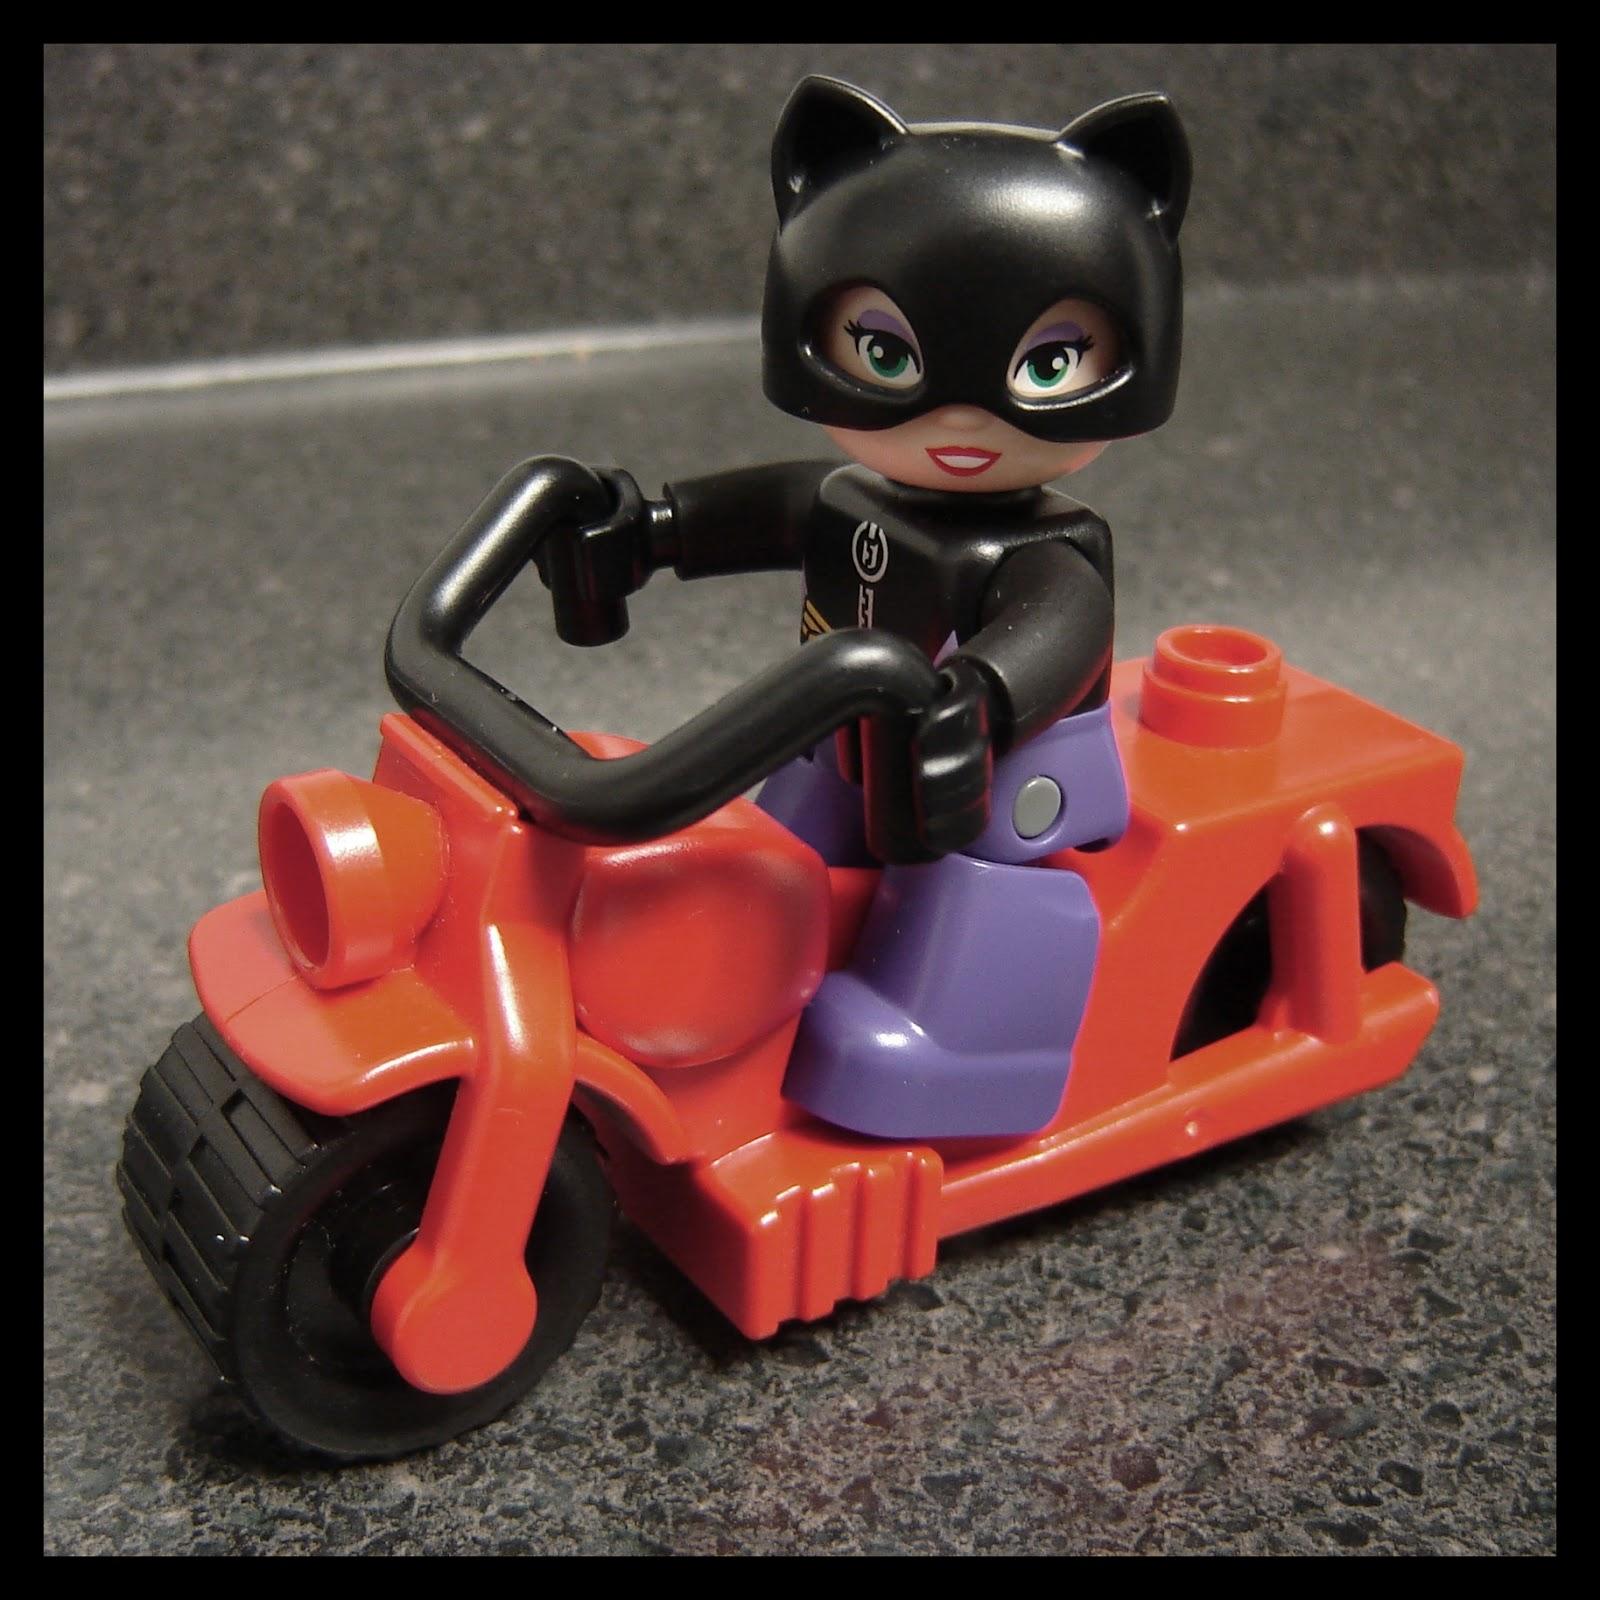 LEGO Duplo Catwoman - Purple Pants Mod